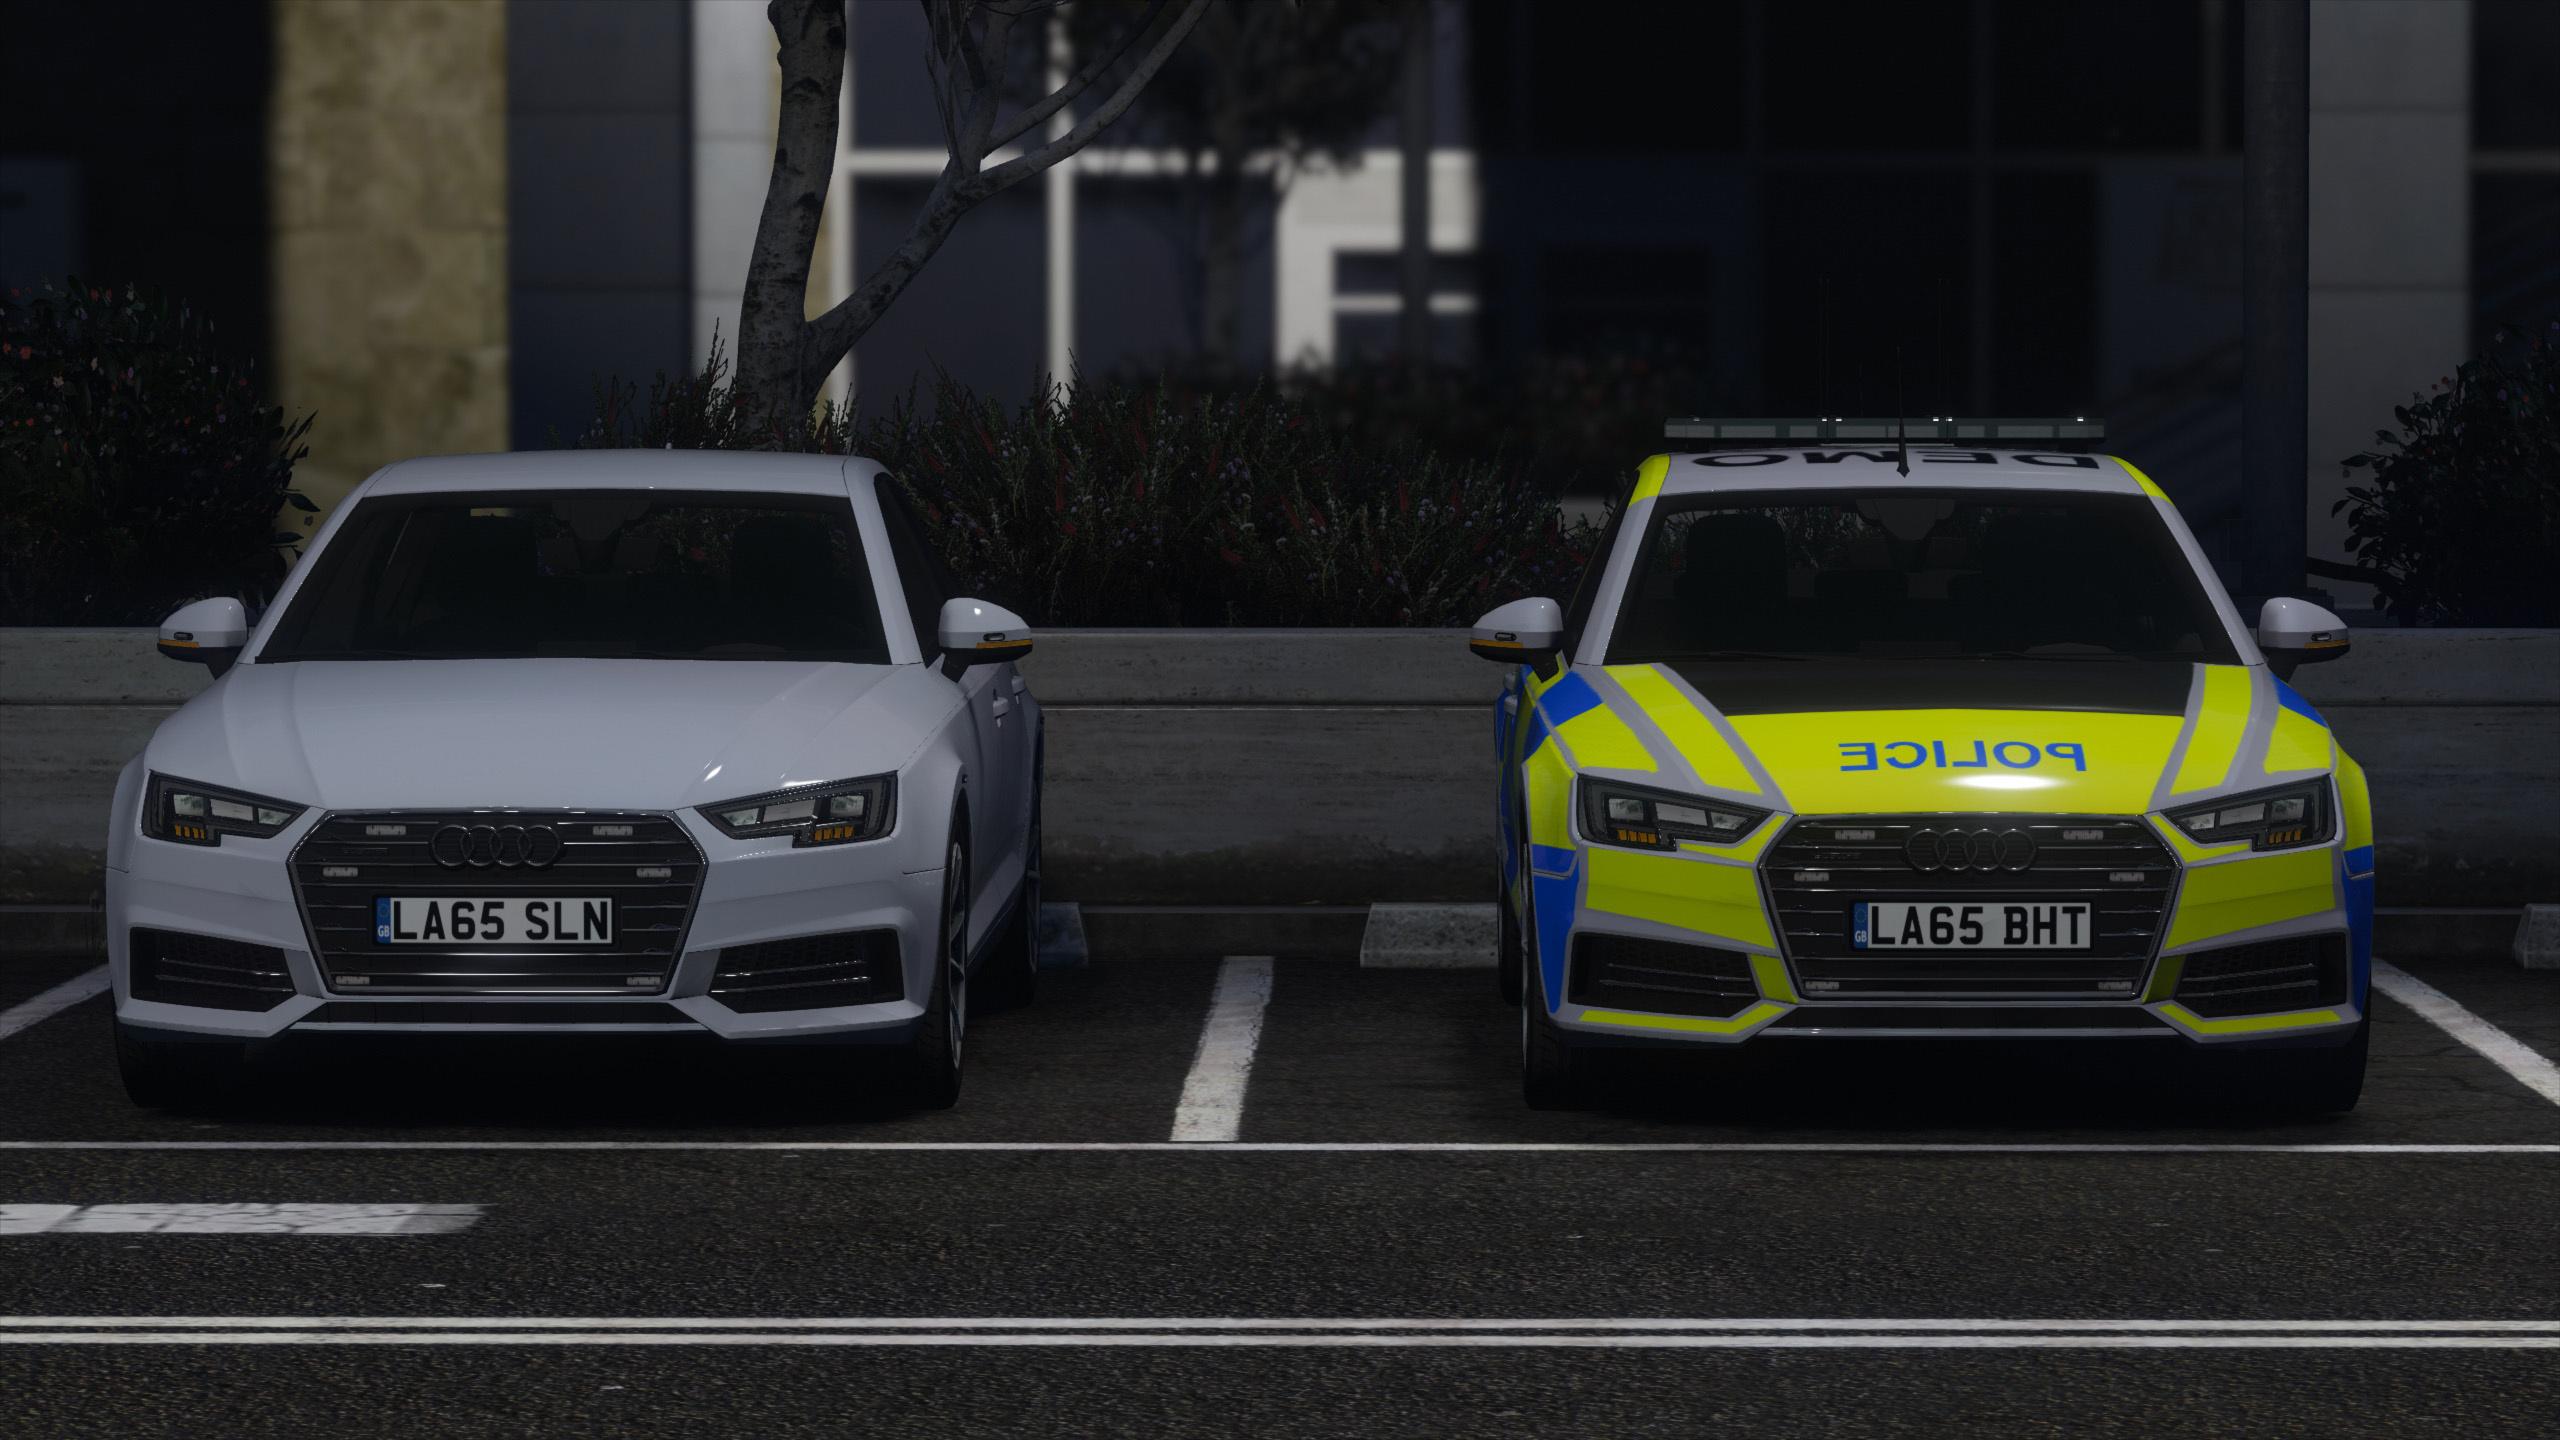 2017 Police Audi A4 Quattro Pack Gta5 Mods Com